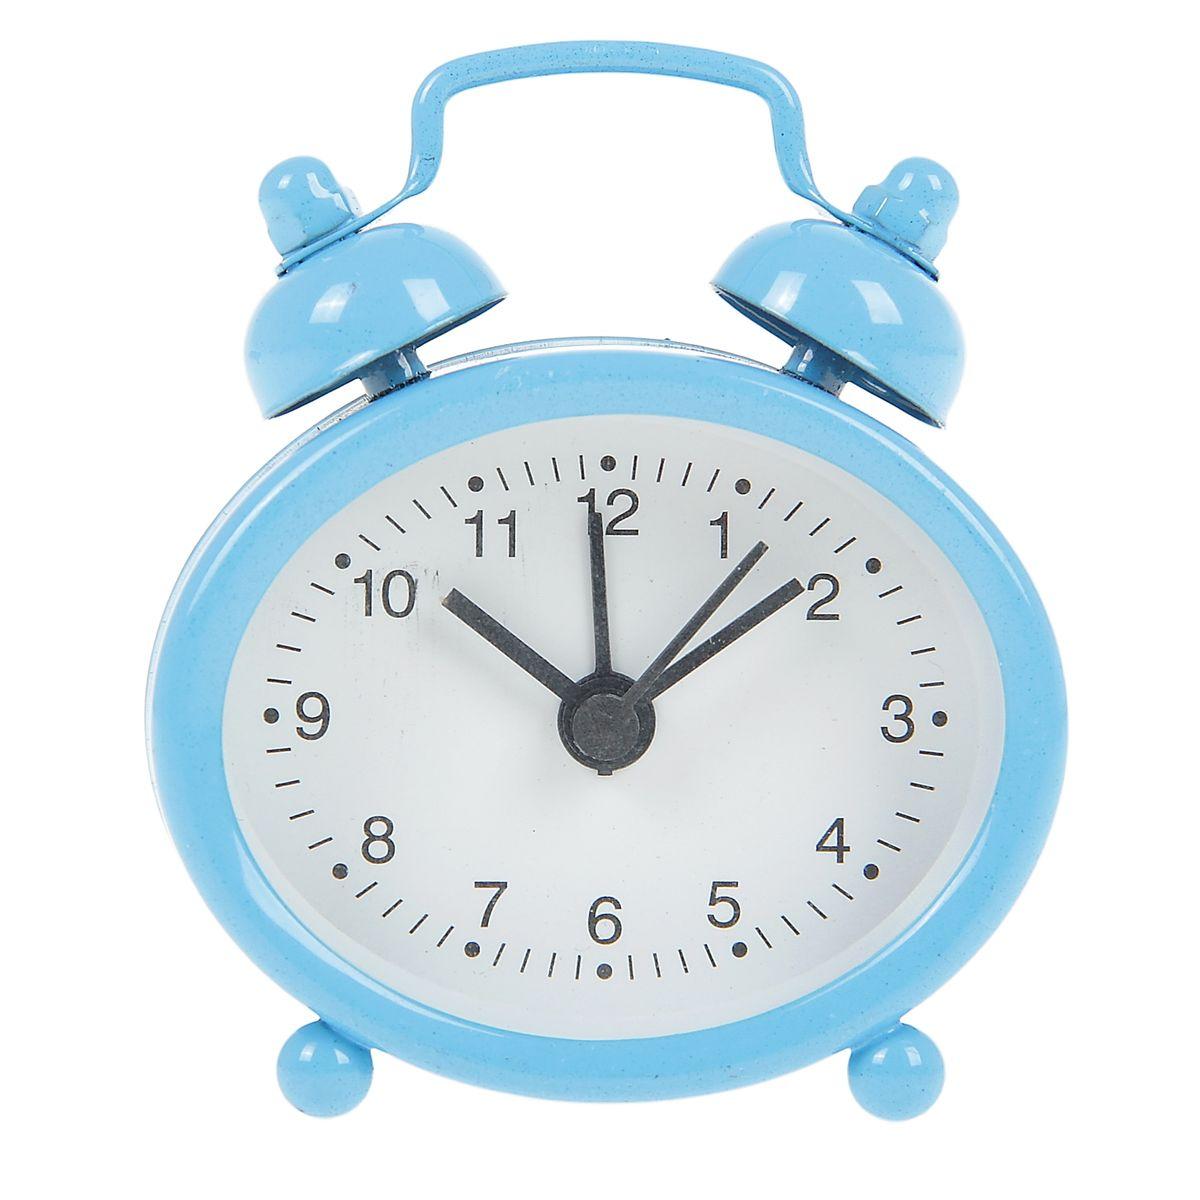 Часы-будильник Sima-land, цвет: голубой. 840947RRC-818 BLACKКак же сложно иногда вставать вовремя! Всегда так хочется поспать еще хотя бы 5 минут и бывает, что мы просыпаем. Теперь этого не случится! Яркий, оригинальный будильник Sima-land поможет вам всегда вставать в нужное время и успевать везде и всюду. Будильник украсит вашу комнату и приведет в восхищение друзей. Эта уменьшенная версия привычного будильника умещается на ладони и работает так же громко, как и привычные аналоги. Время показывает точно и будит в установленный час.На задней панели будильника расположены переключатель включения/выключения механизма, а также два колесика для настройки текущего времени и времени звонка будильника.Будильник работает от 1 батарейки типа LR44 (входит в комплект).